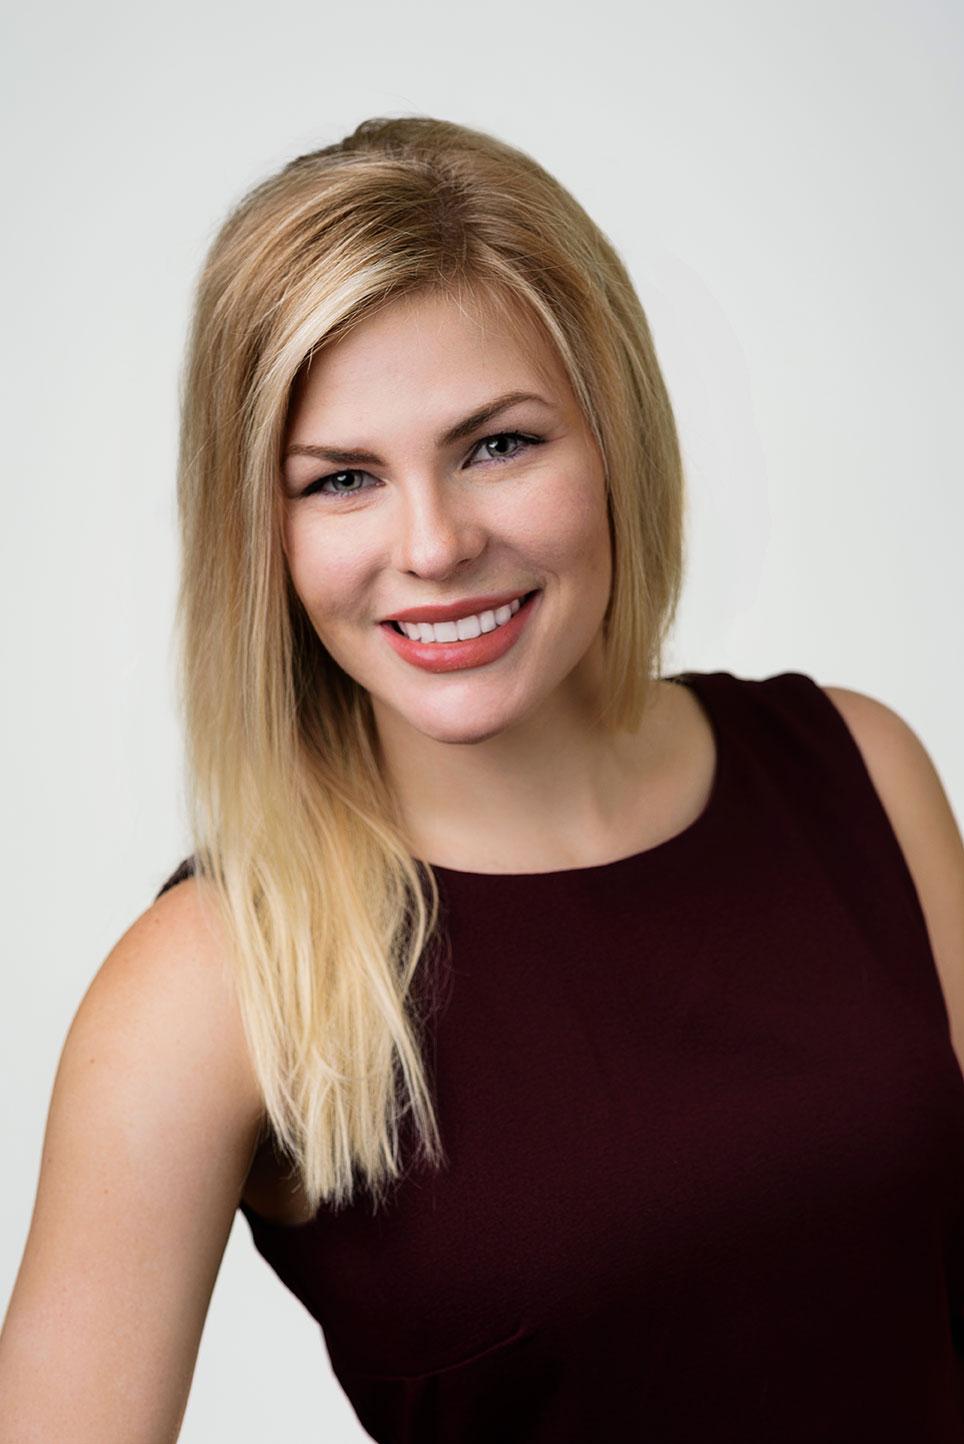 Kristi Scott photo